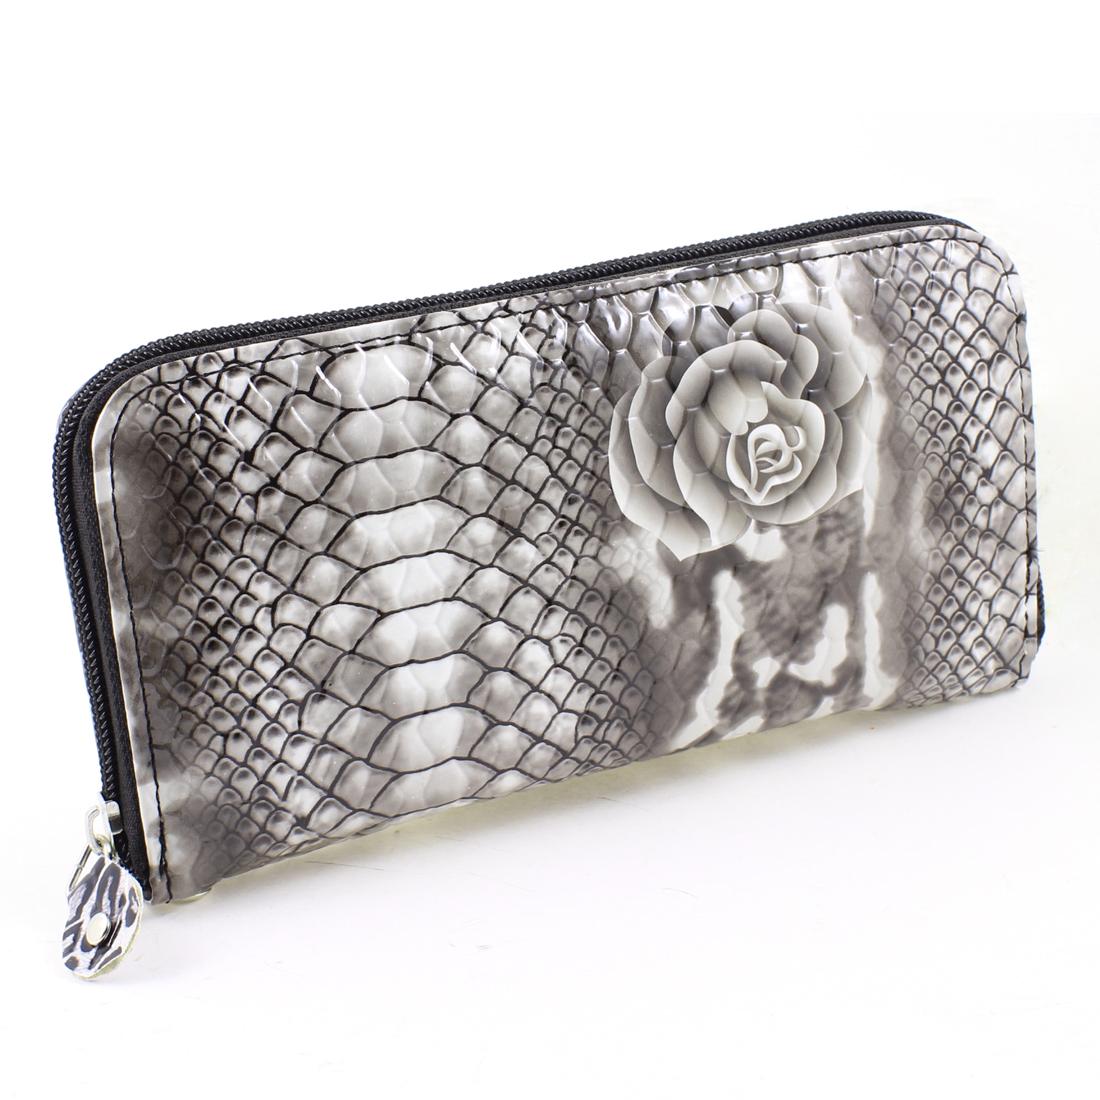 Dark Brown Gray 4 Compartments Zipper Closure Handbag Purse